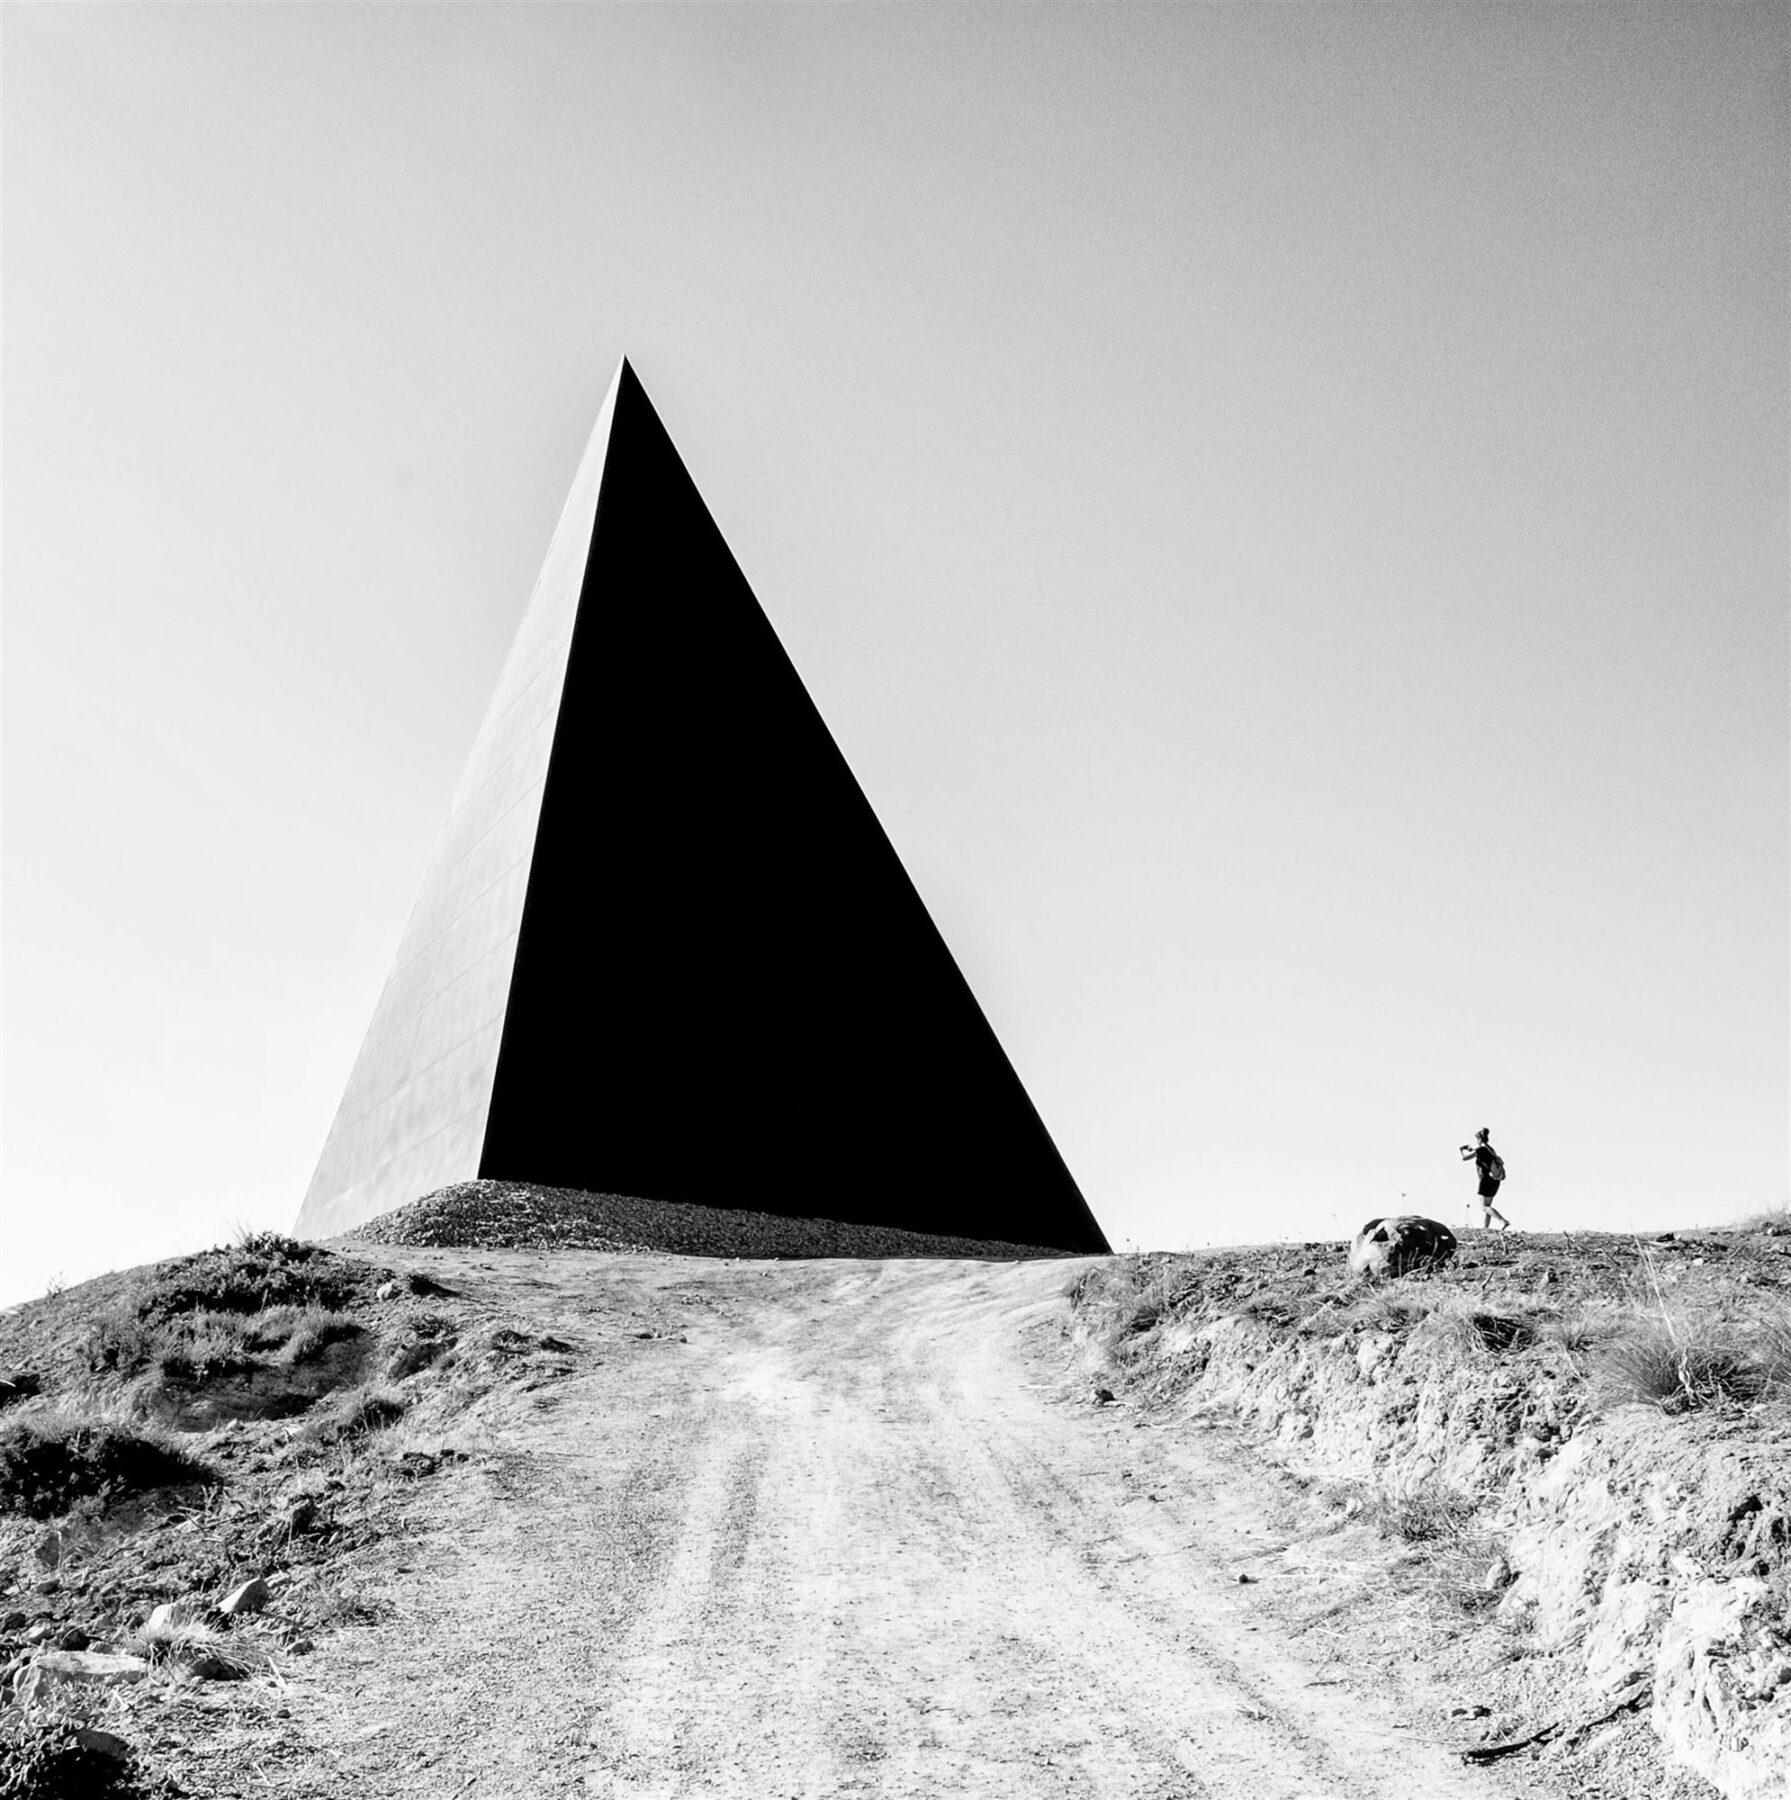 Emotional Geometry | Rosaria Sabrina Pantano - ganadora en la subcategoría Architecture